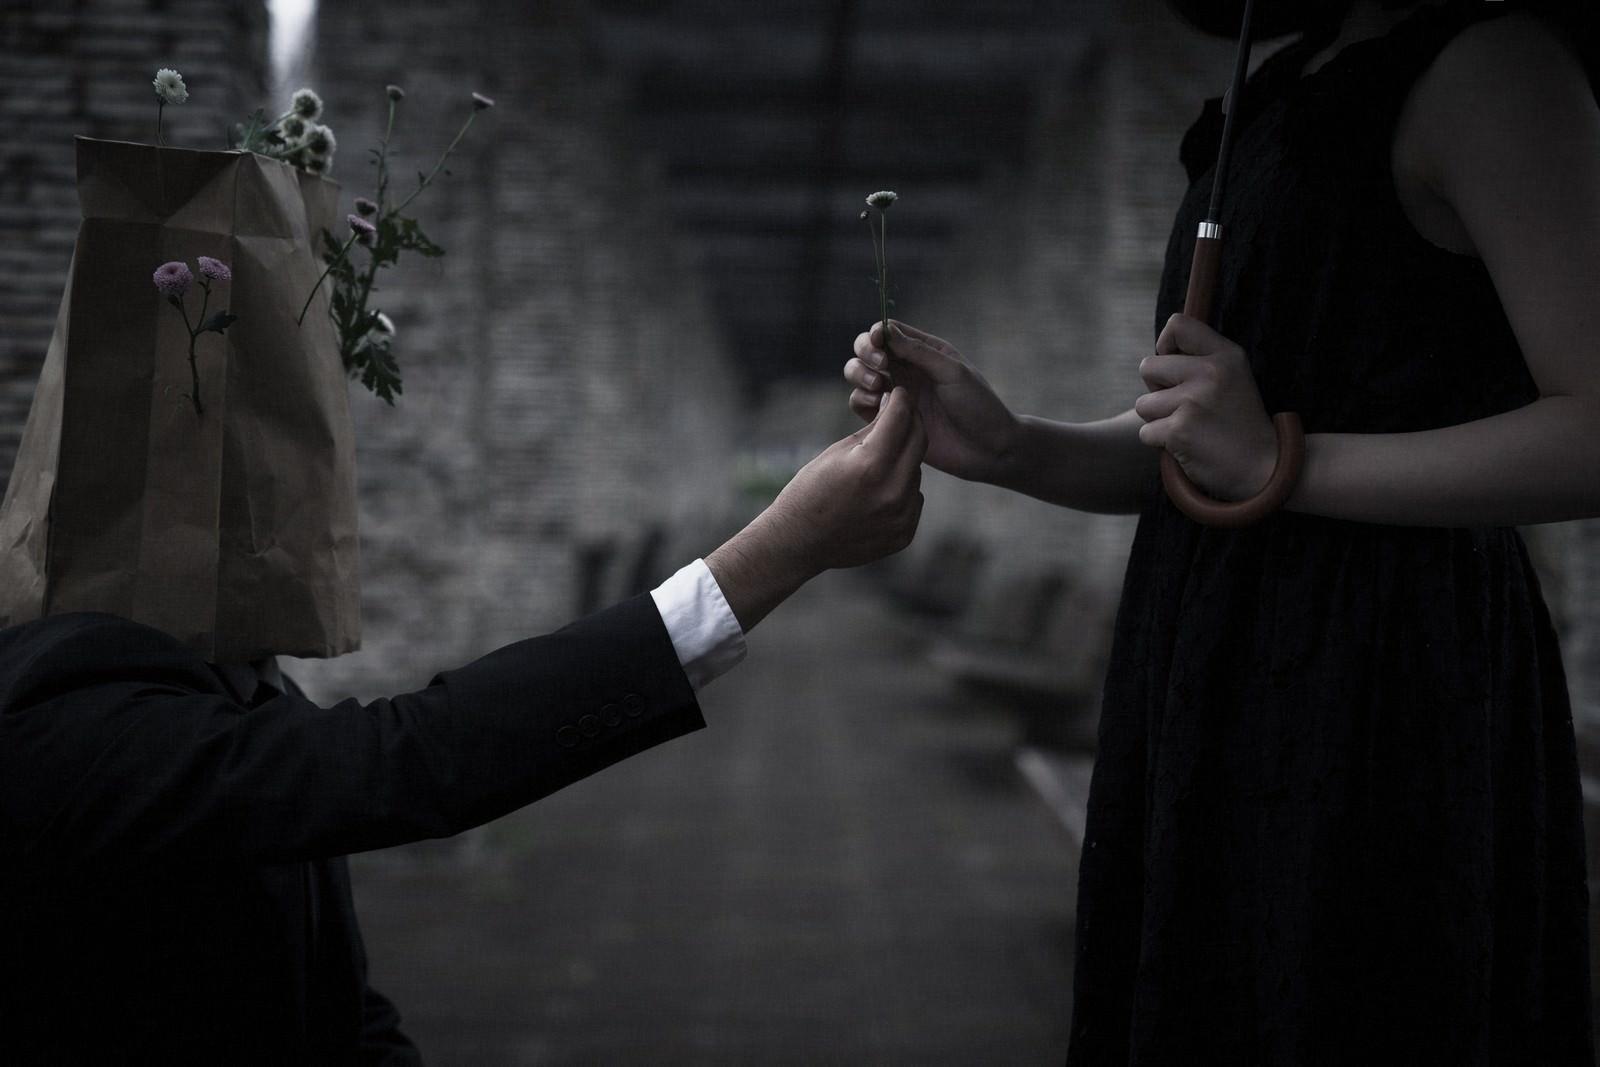 「お花あげます(告白)」の写真